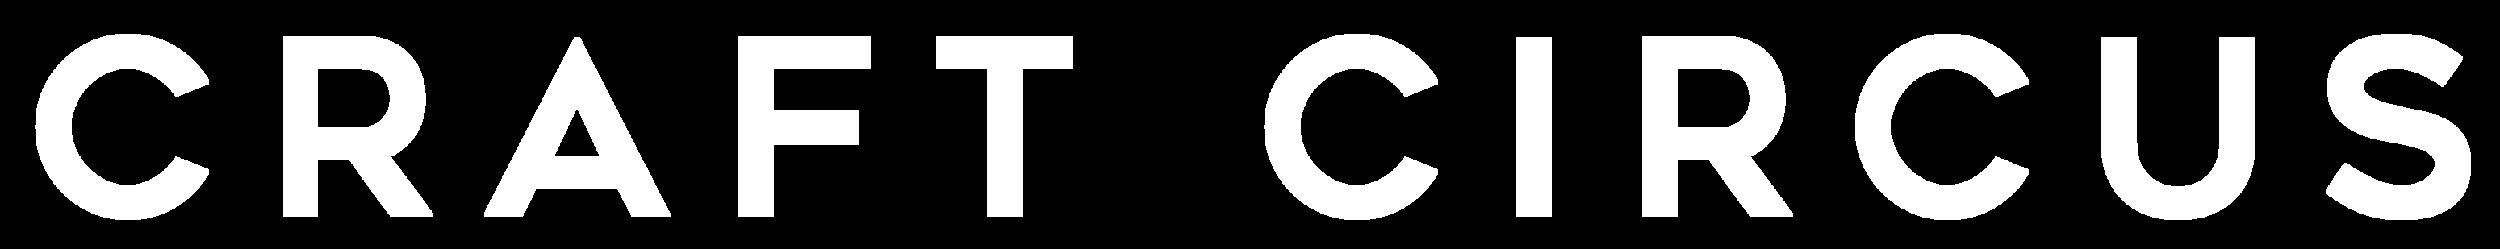 Craft-Circus-Logo-White.png